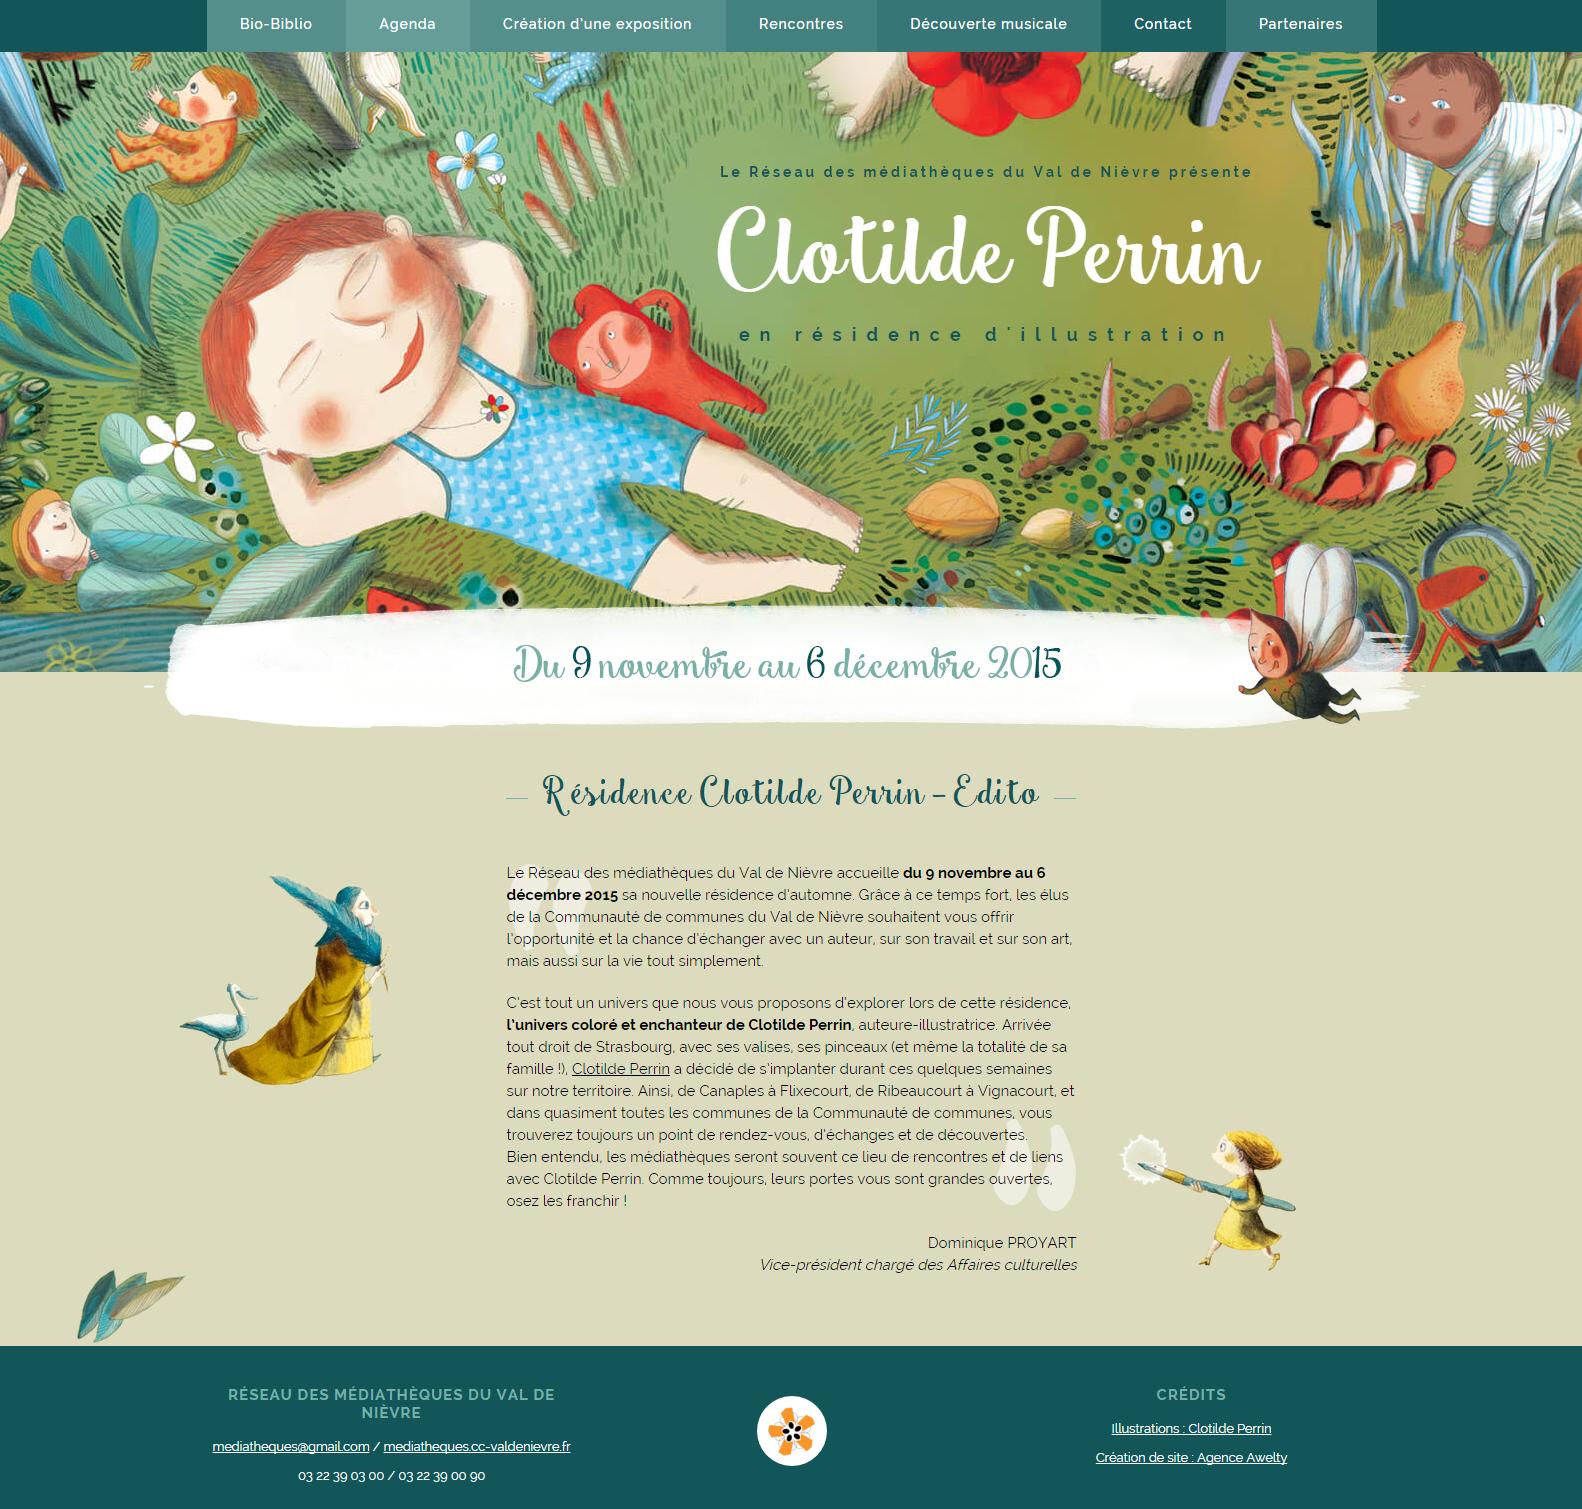 Clotilde Perrin illustratrice en residence